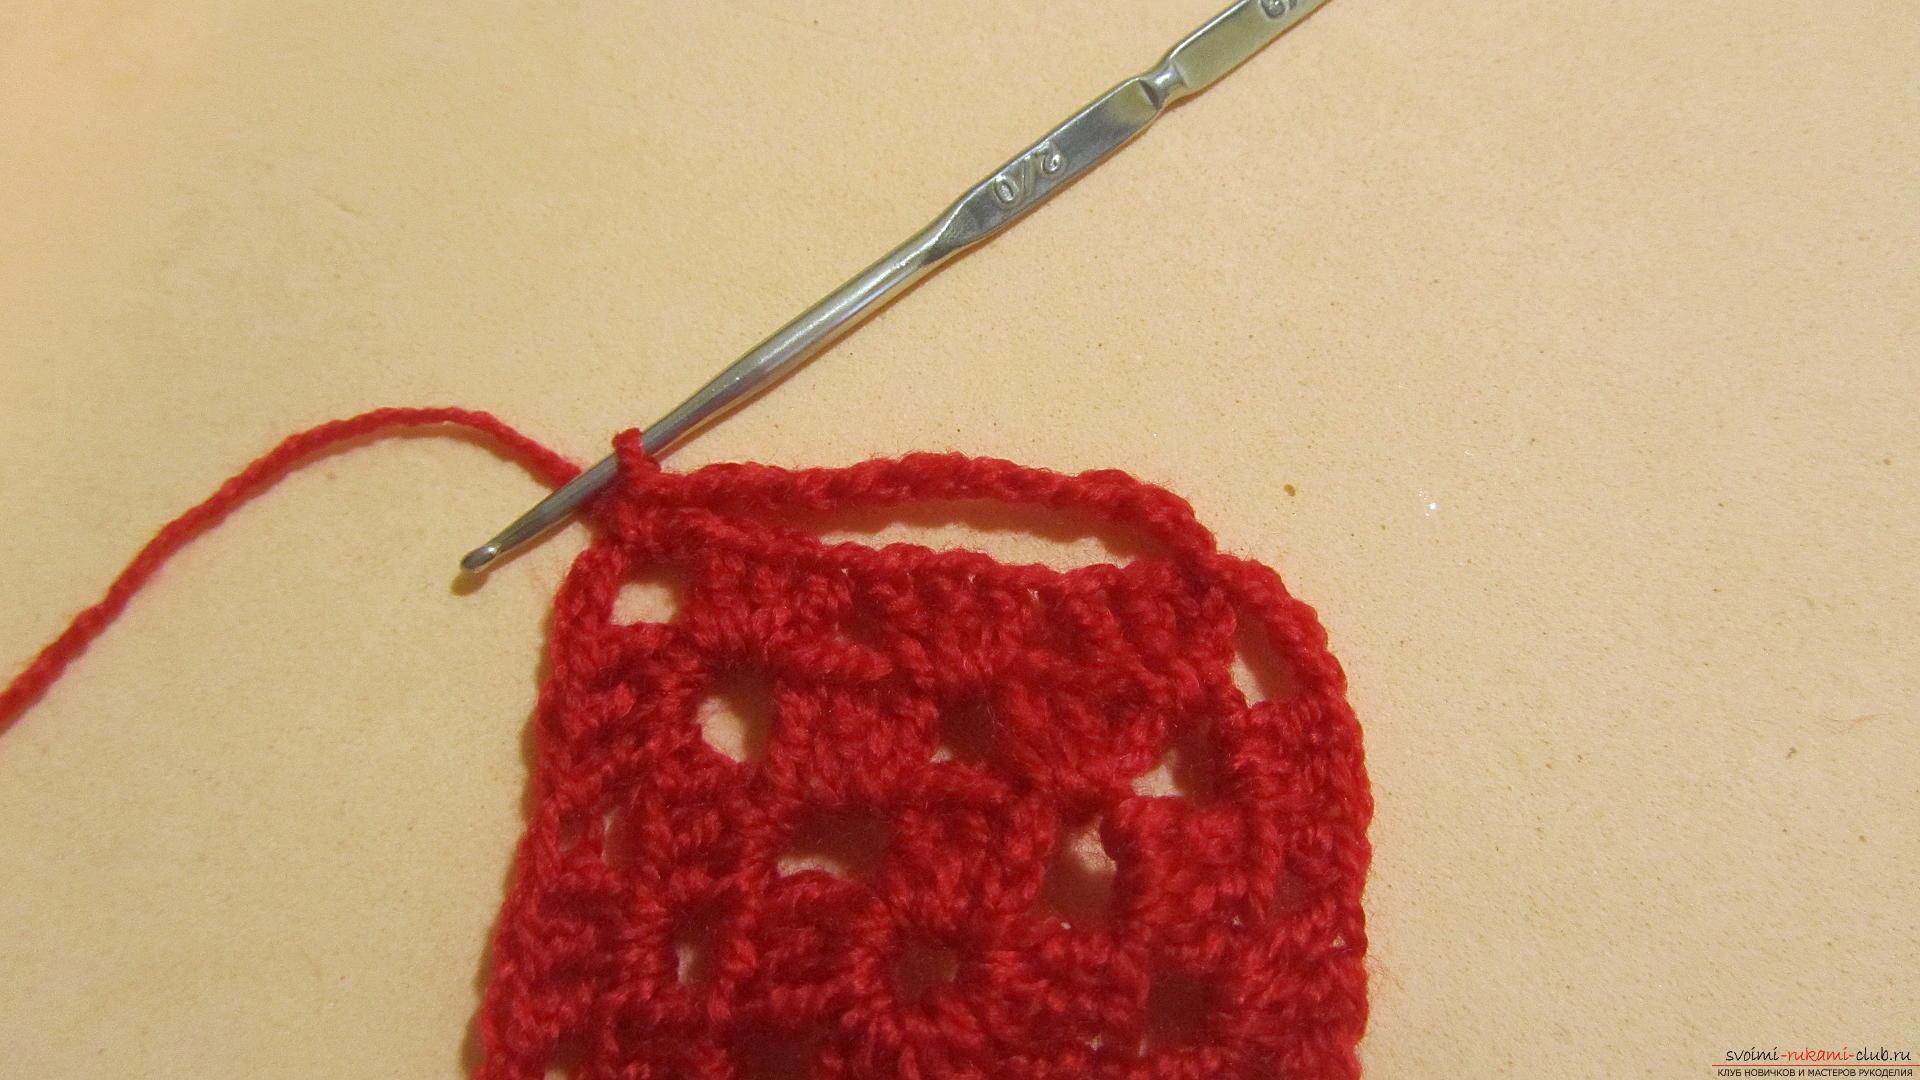 Одежду для мягких игрушек можно связать крючком своими руками, будем одевать игрушечную обезьянку.. Фото №48